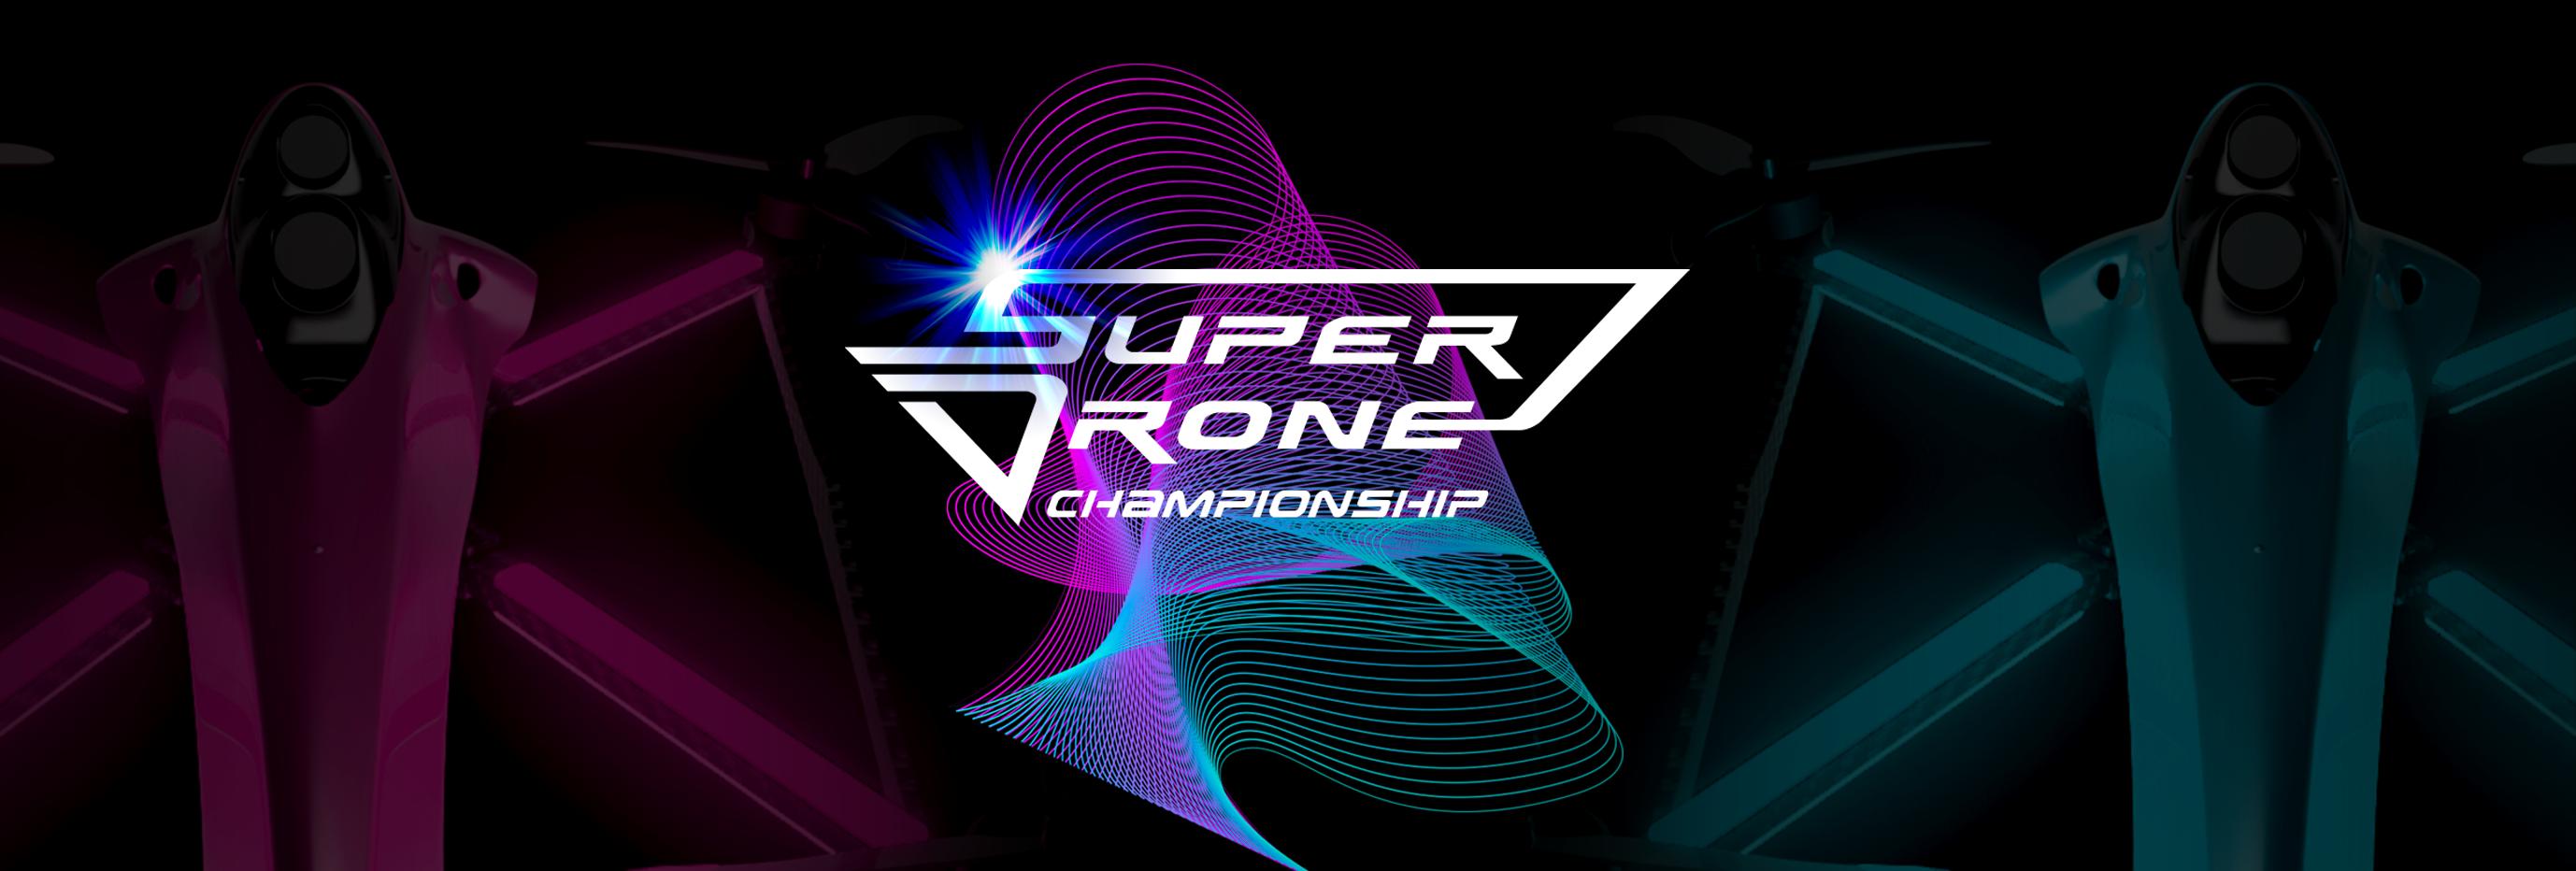 3月21日(日)16:00~「 SUPER DRONE CHAMPIONSHIP 2021」テレビ東京系6局ネットで放送! YouTubeチャンネル「テレスポ」、dTVでも配信!